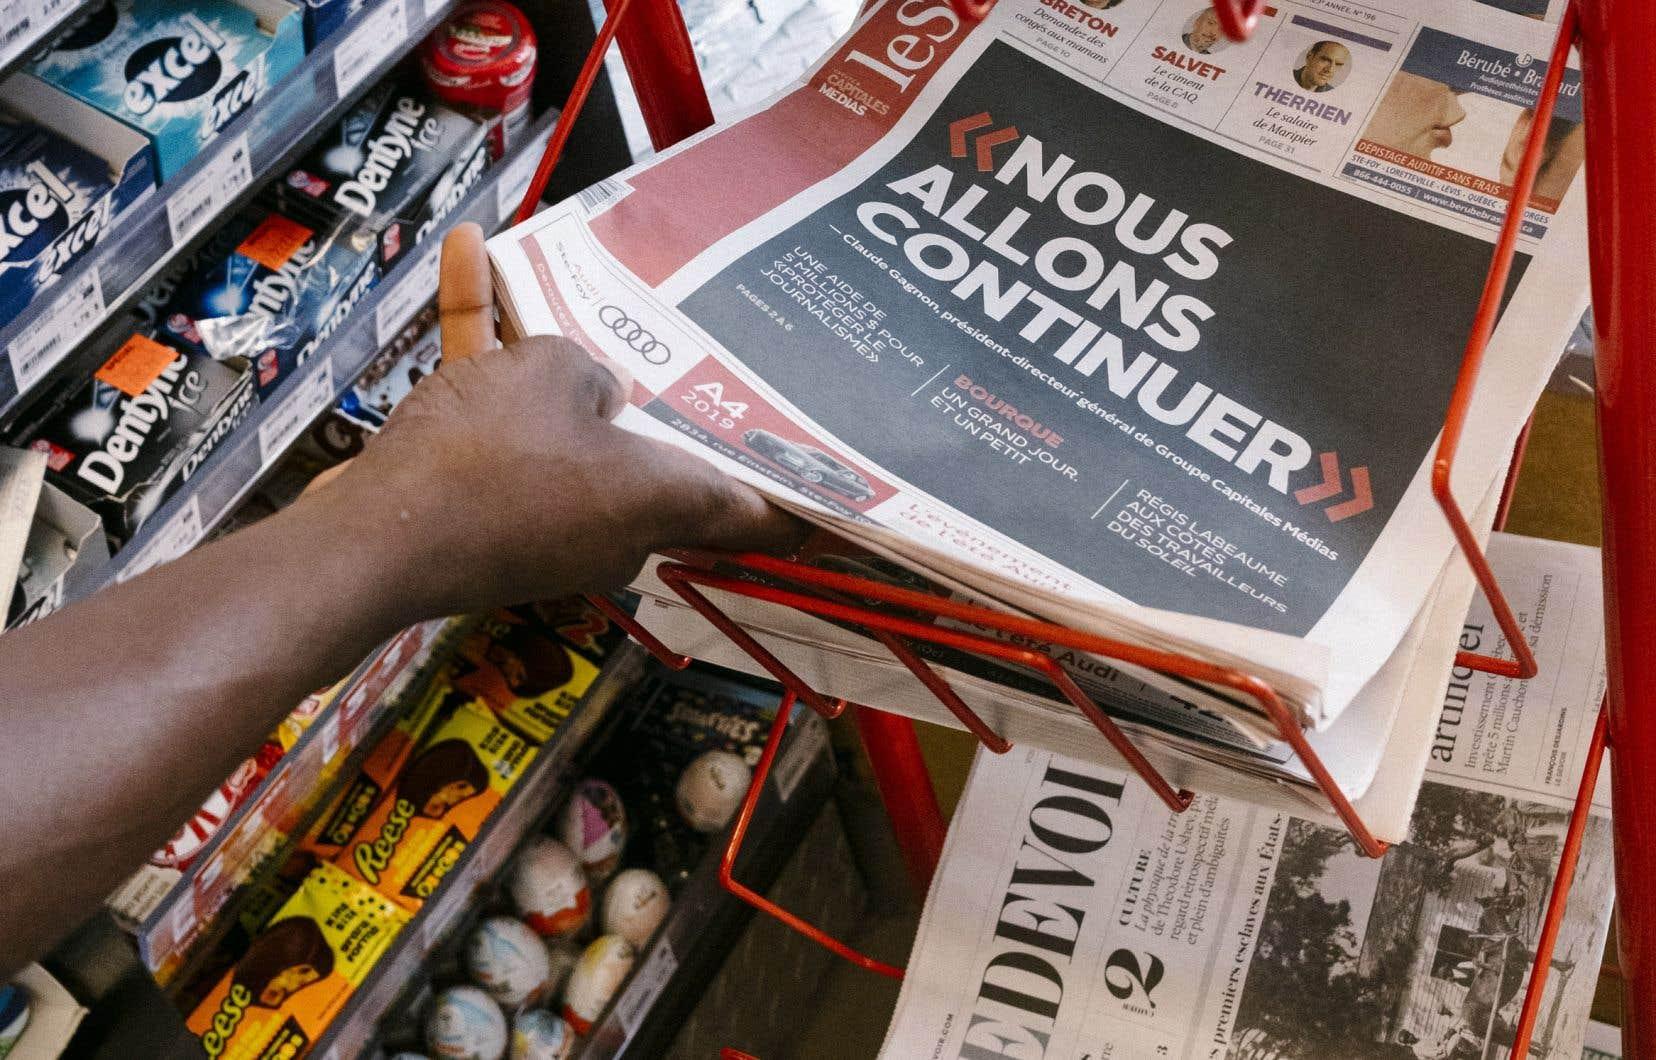 «Dans la foulée de la crise financière du Groupe Capitales Médias et devant l'urgence de la situation, certaines voix se sont élevées pour suggérer que toute aide financière gouvernementale à un média devrait être conditionnelle à une adhésion au Conseil de presse», souligne l'auteure.